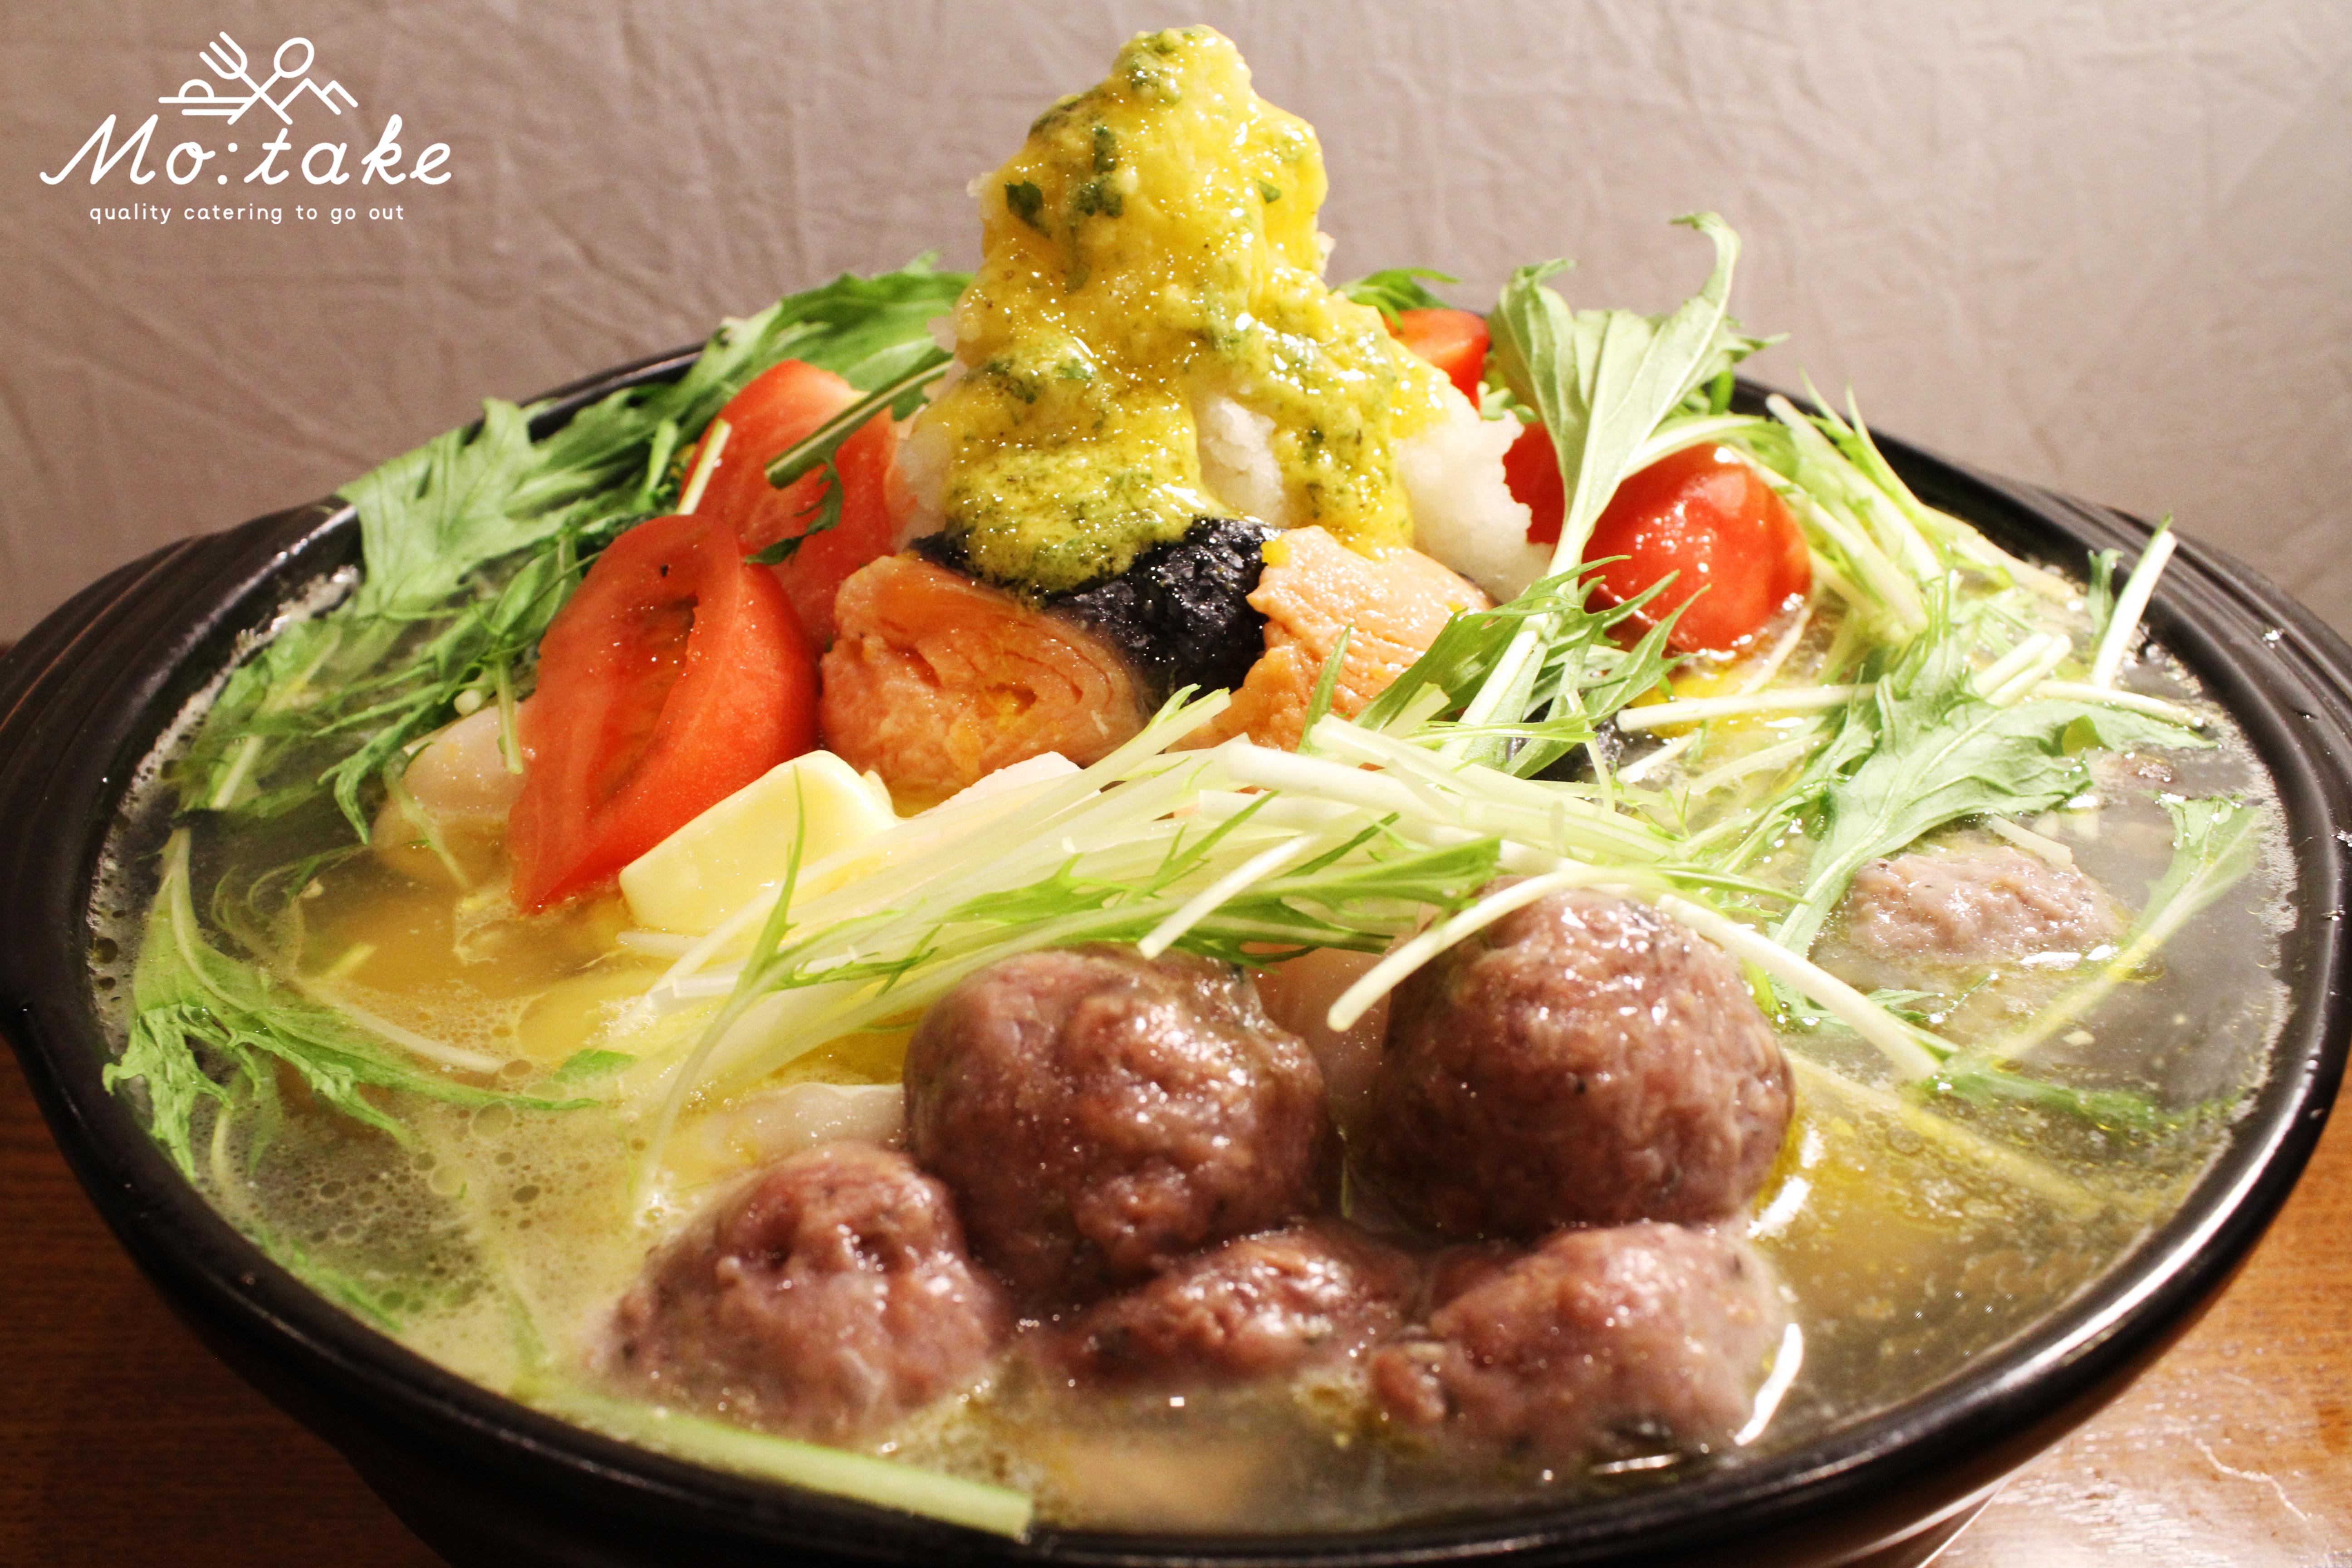 FISHERMAN JAPAN × Mo:take 特製鍋 ~ブイヤベース風~